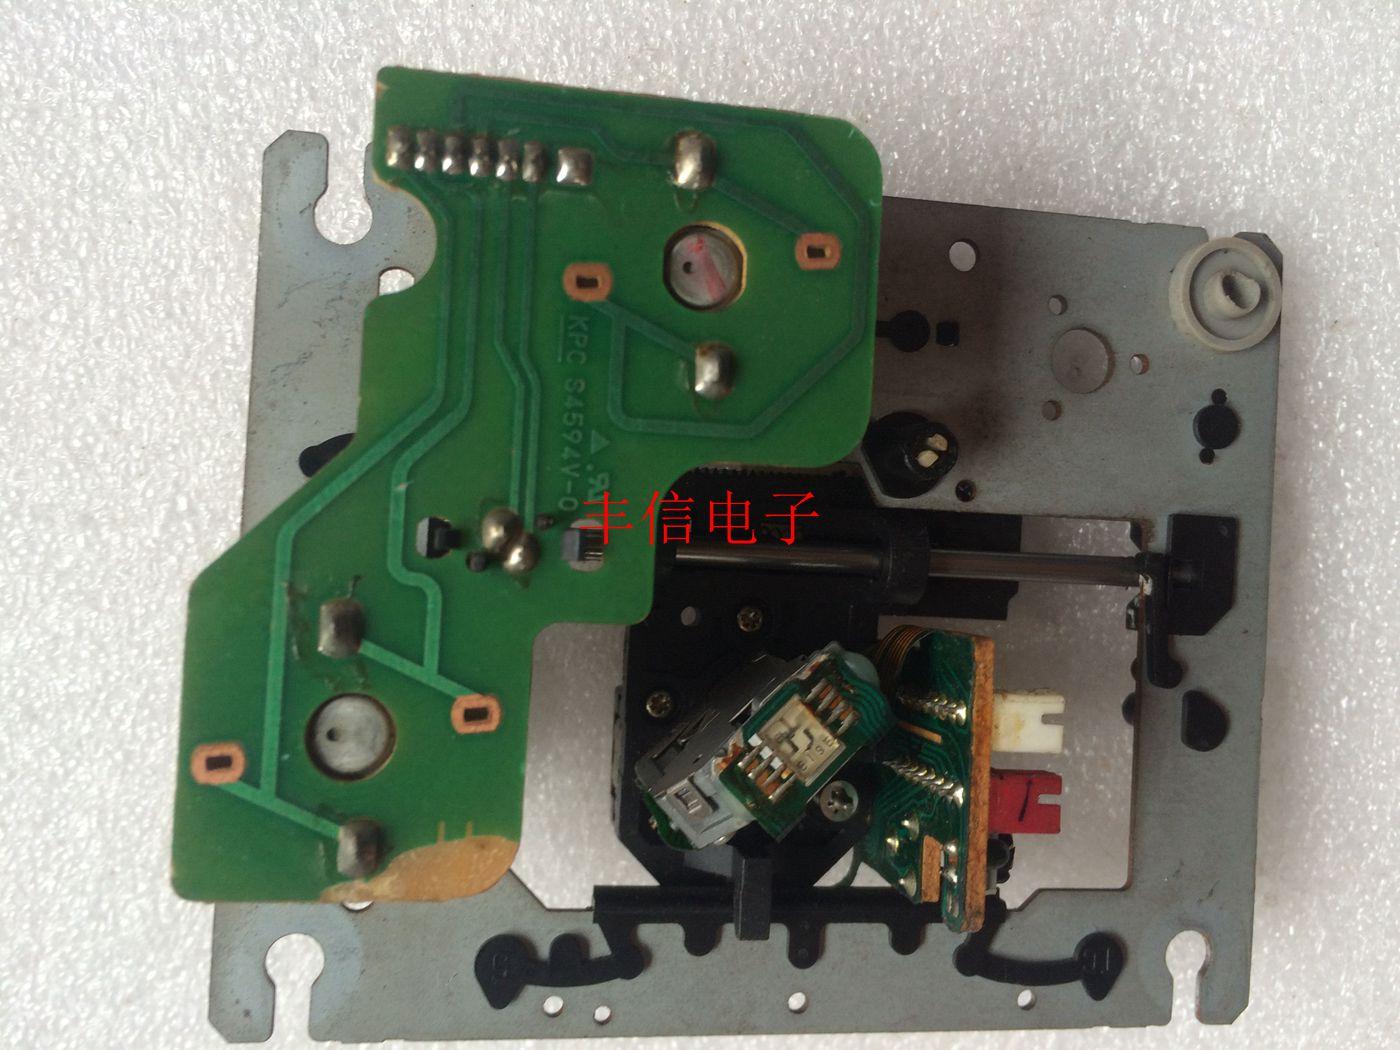 Лазерная головка Оригинальные разобрать Sony ВНК 150b универсальный ВНК 150A лазерной головки Лазерная головка не включены